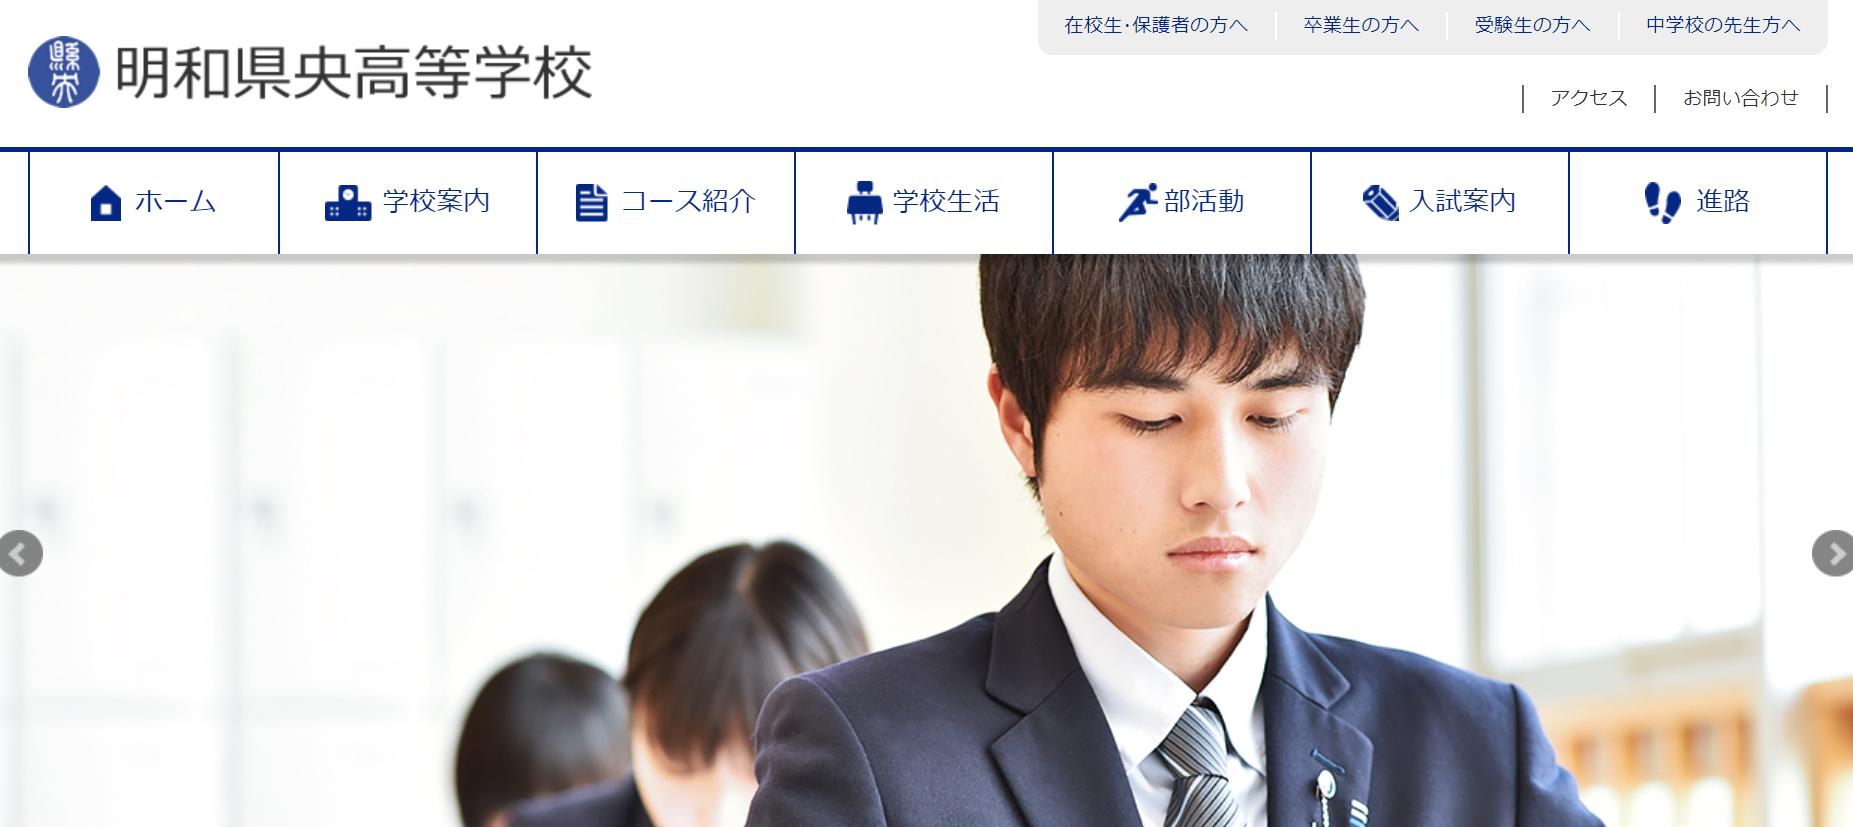 明和県央高校の口コミ・評判